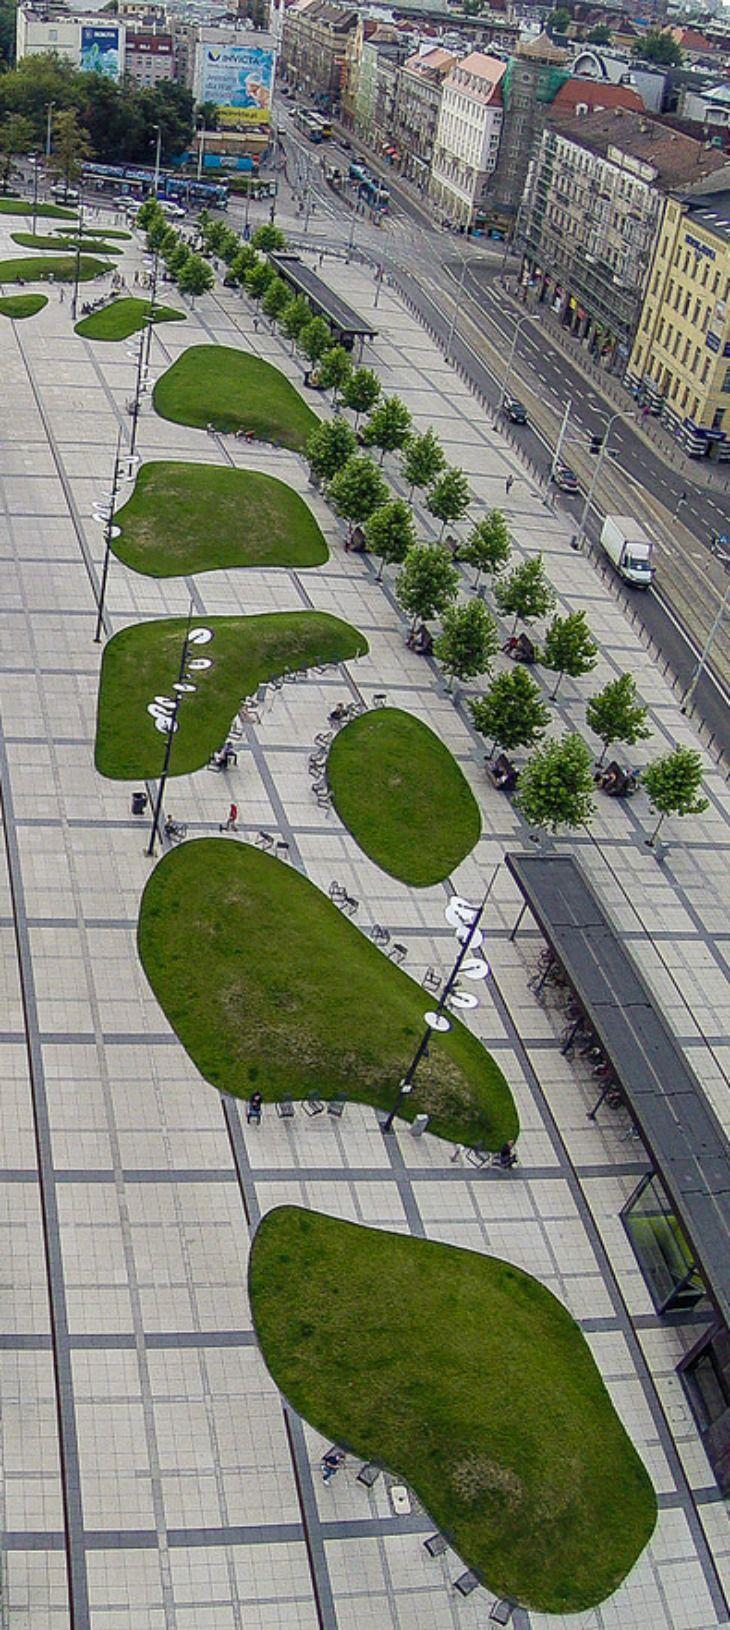 Landscaping Outside Wrocław Główny - Wroclaw Main Railway Station - Hauptbahnhof Breslau, Wroclaw, Poland